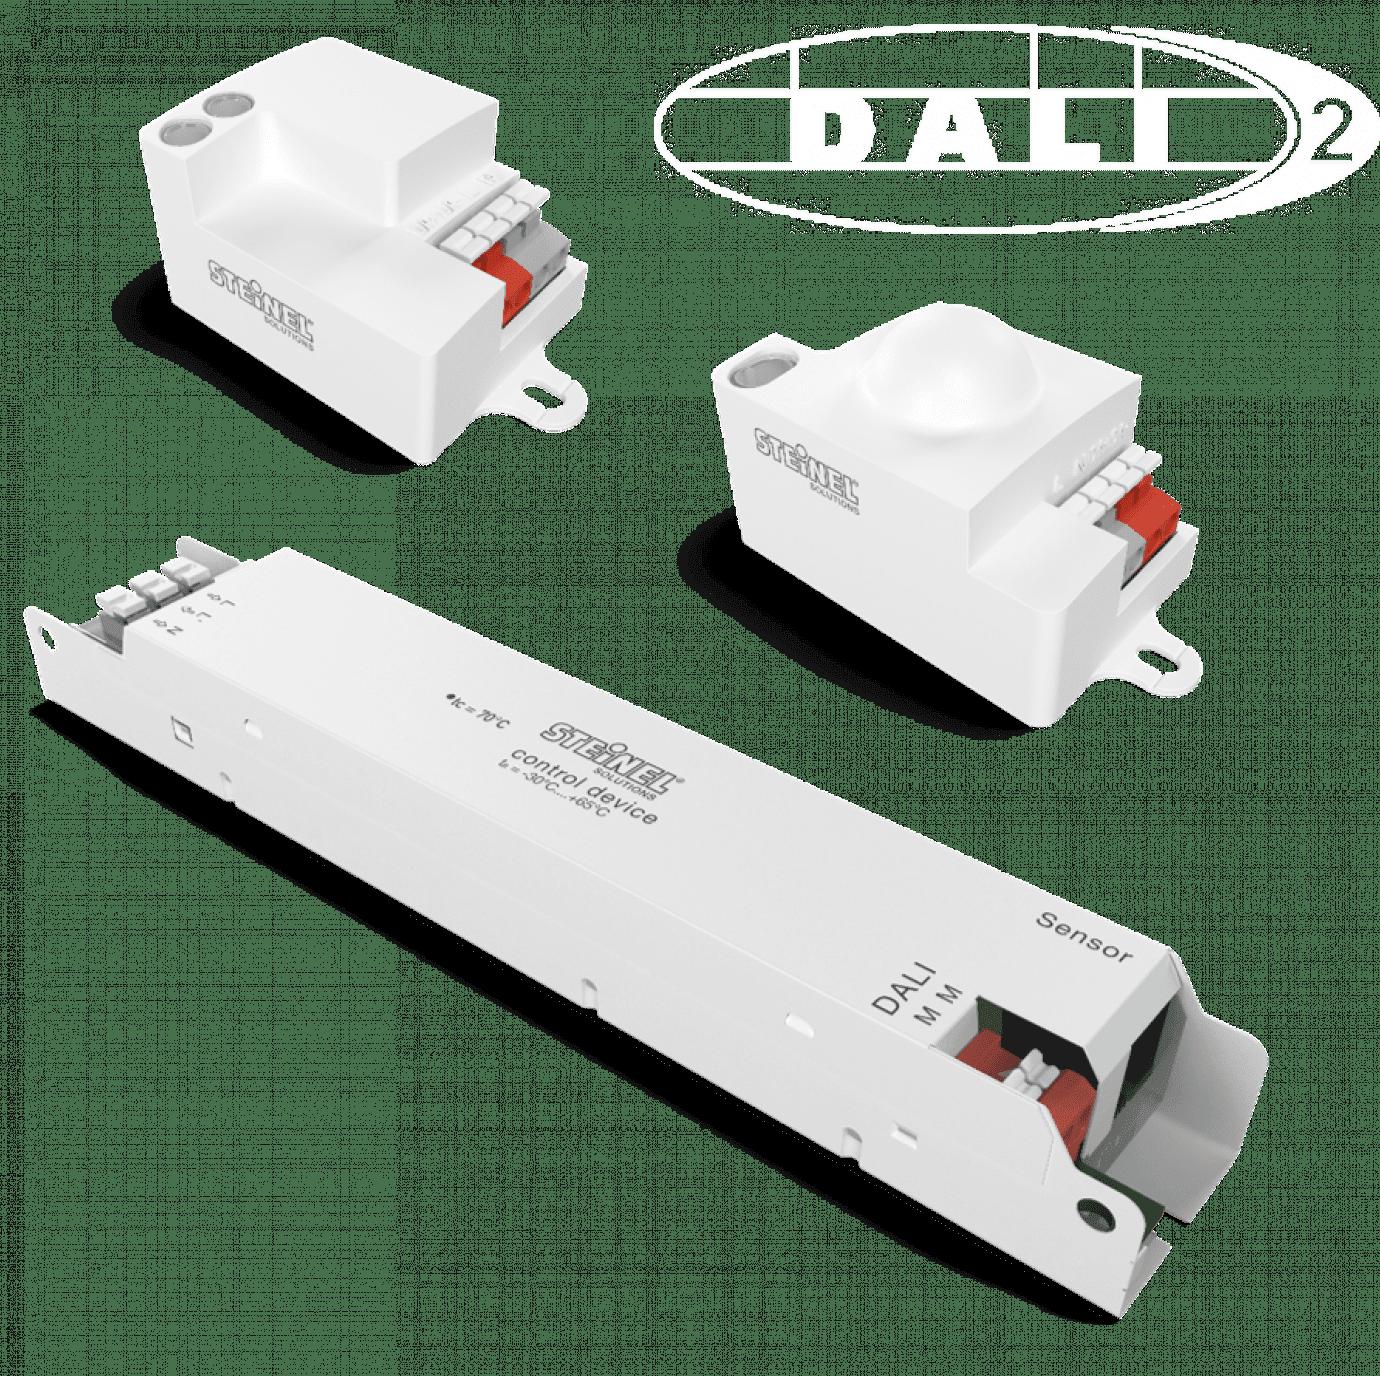 Sensor-Produkte, die mit DALI-2 funktionieren